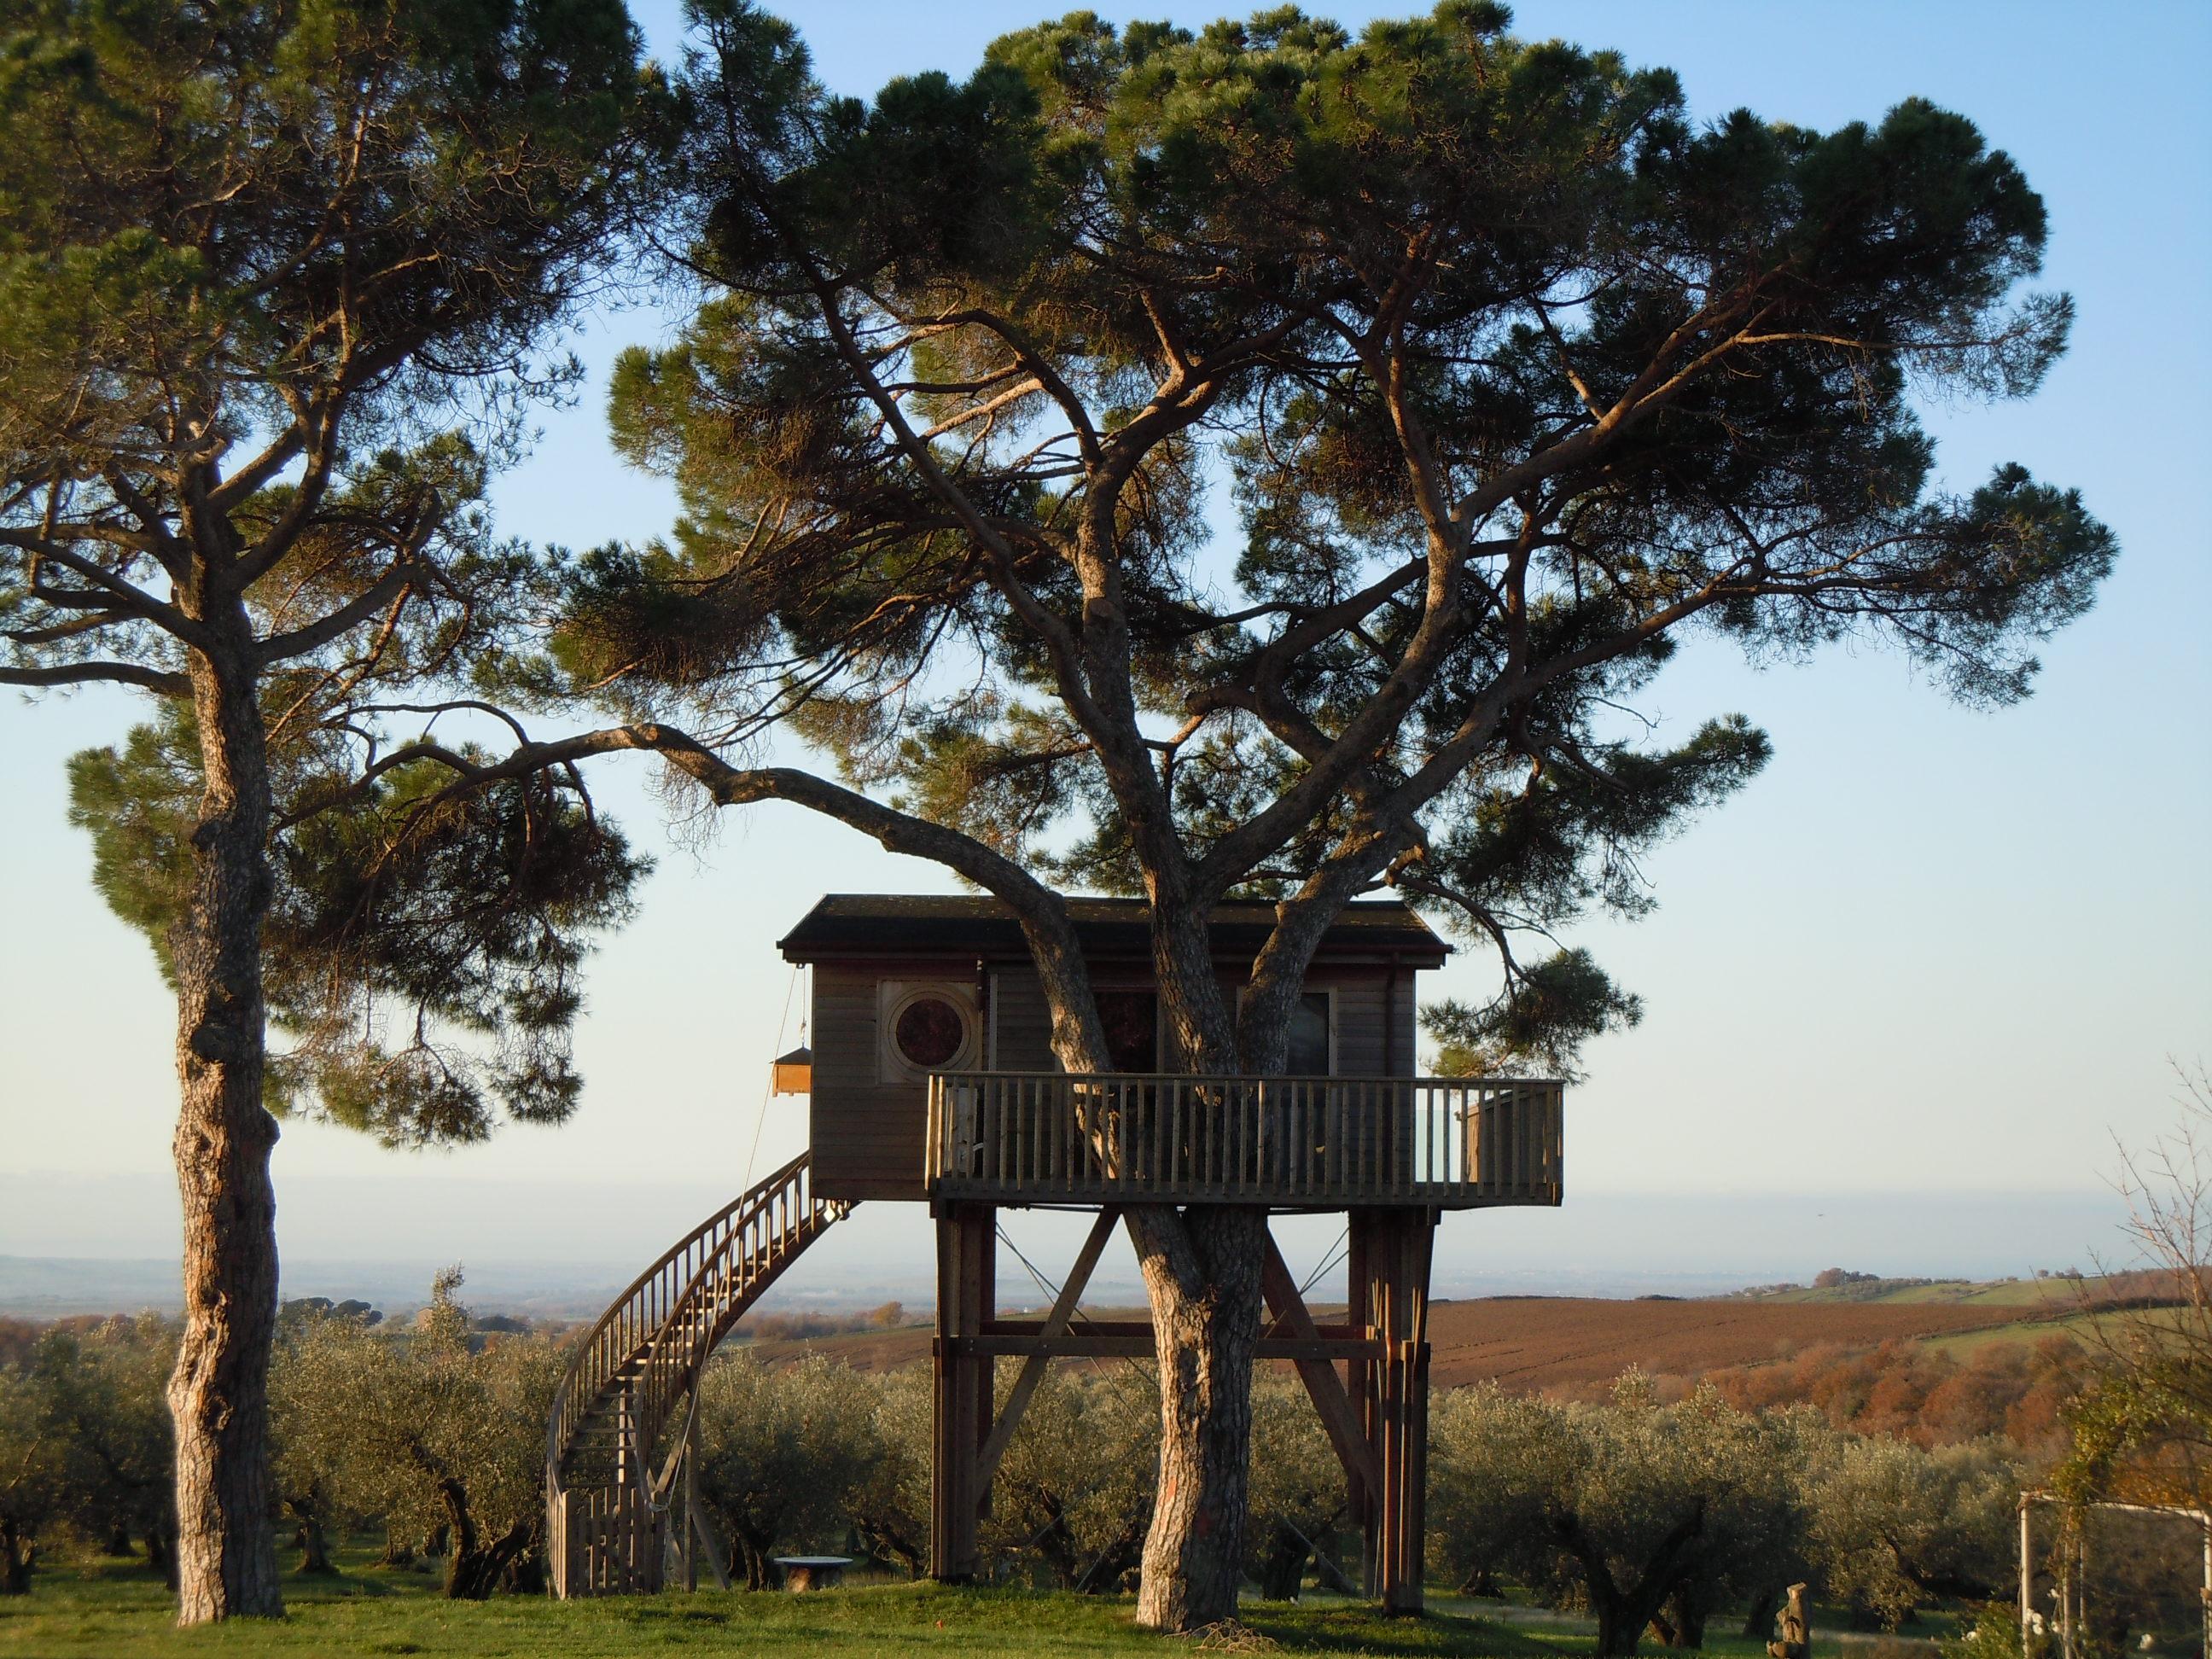 Tree house, La Piantata organic farm, Viterbo, Italy